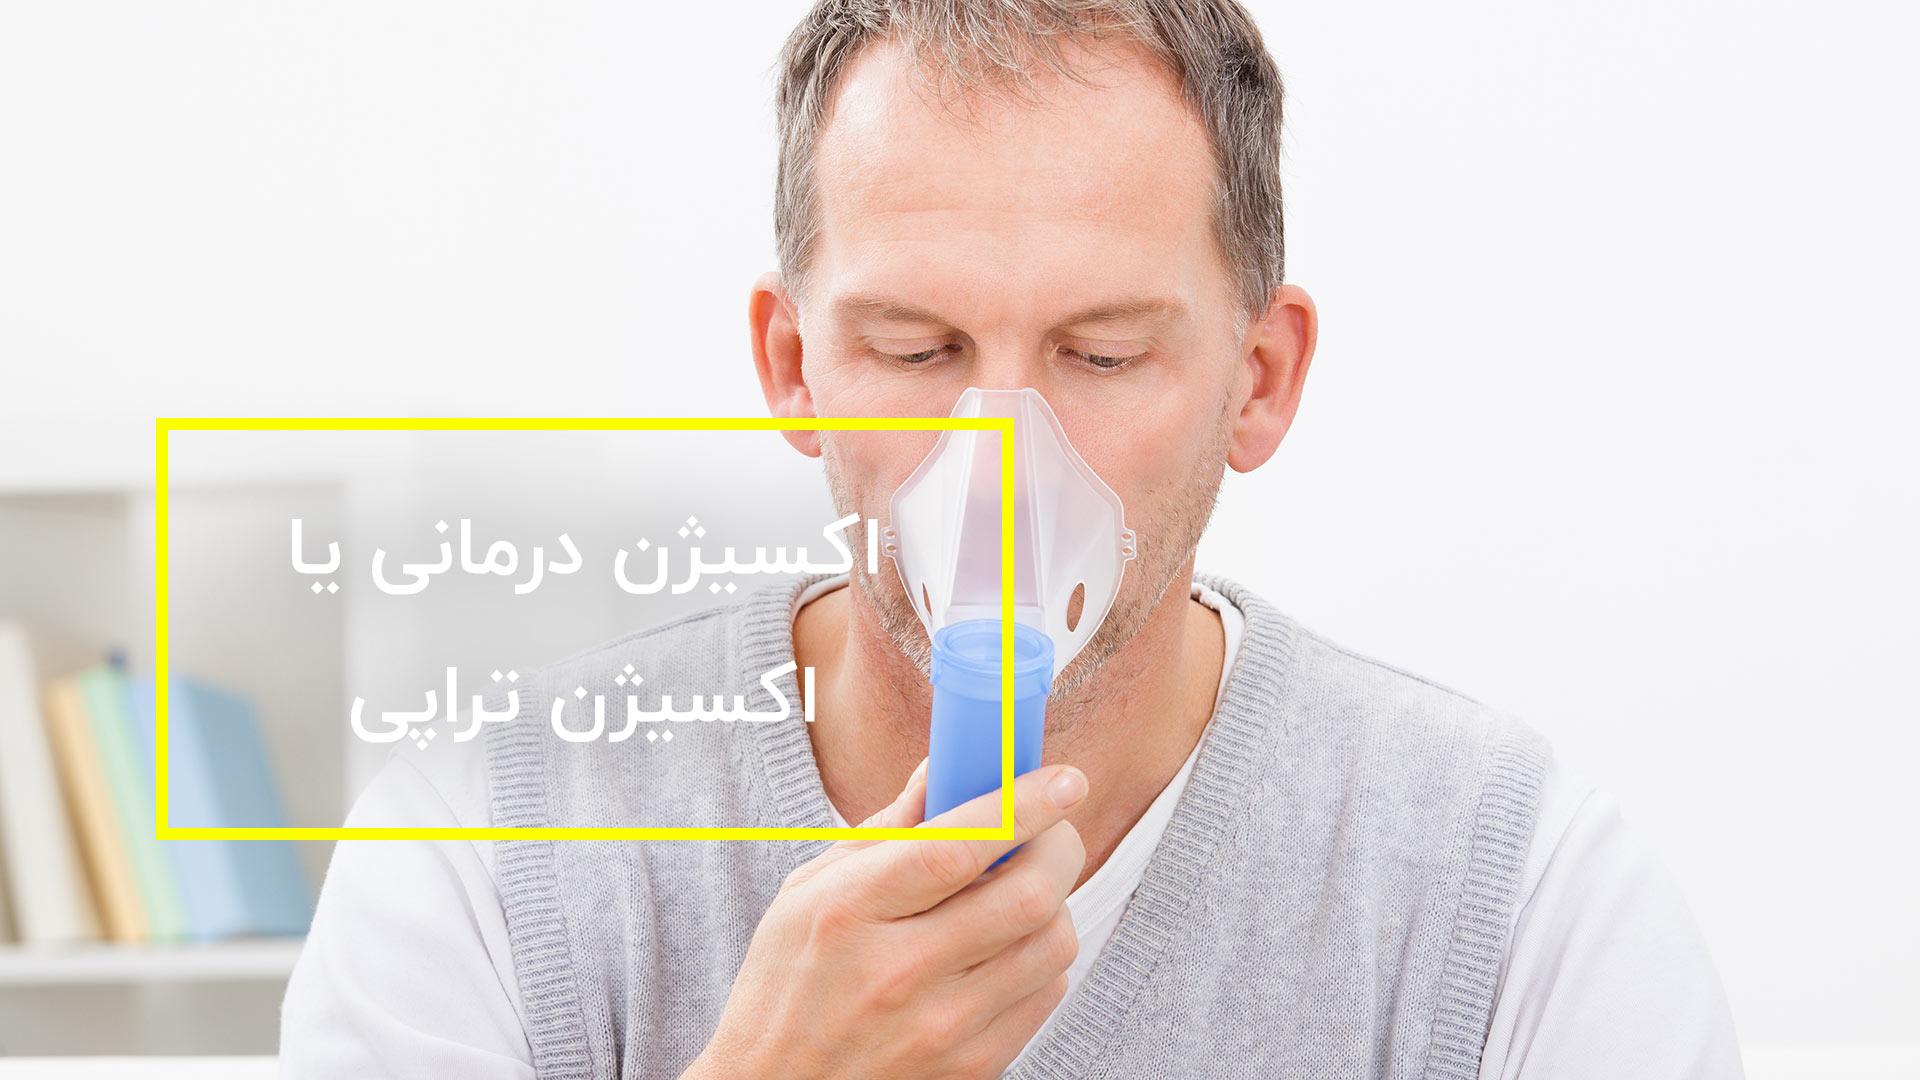 اکسژن درمانی